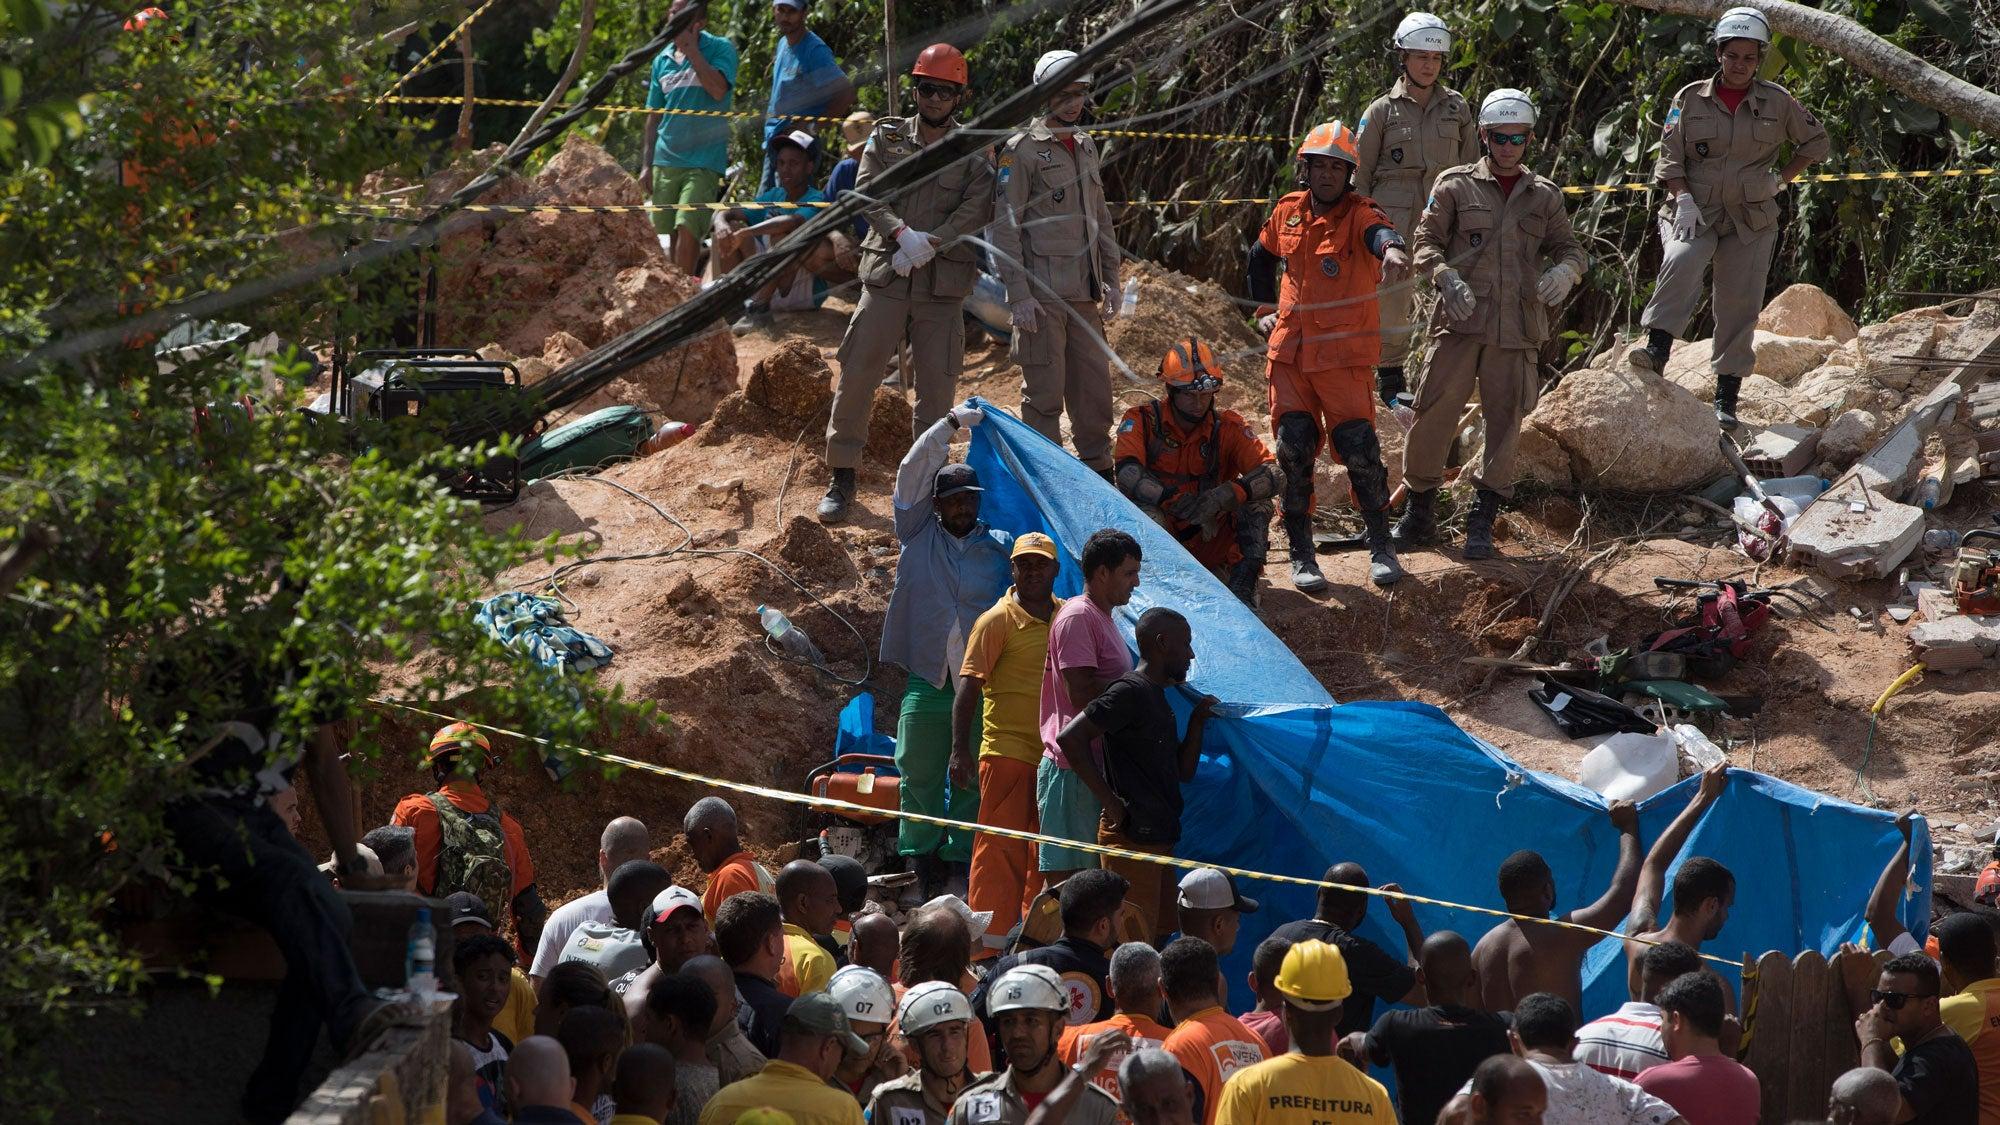 Unwetter in Brasilien: Mindestens 14 Menschen sterben durch Erdrutsch